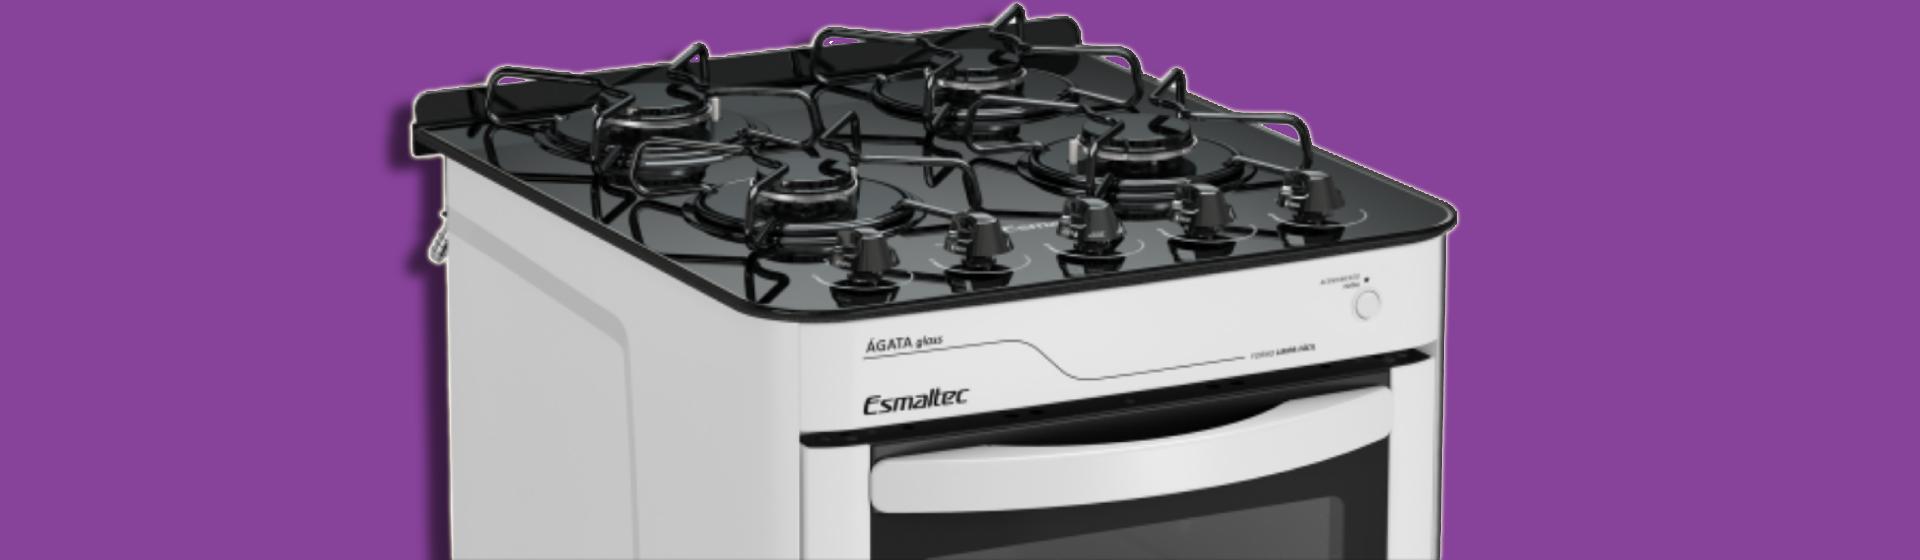 Fogão Ágata Glass: análise de ficha técnica e preço dos modelos Esmaltec